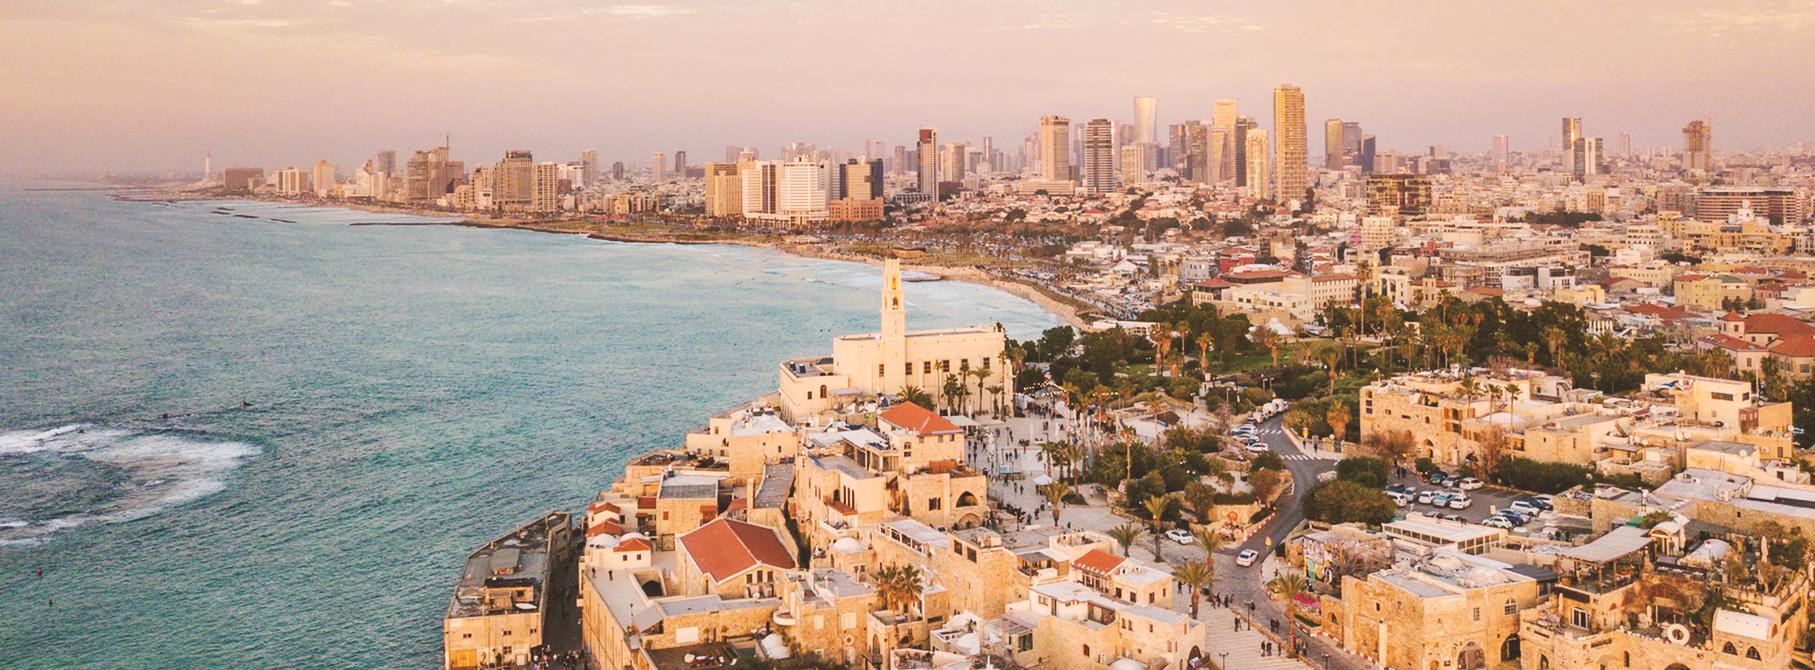 TTT, Turkey, Tel Aviv & Tanzania